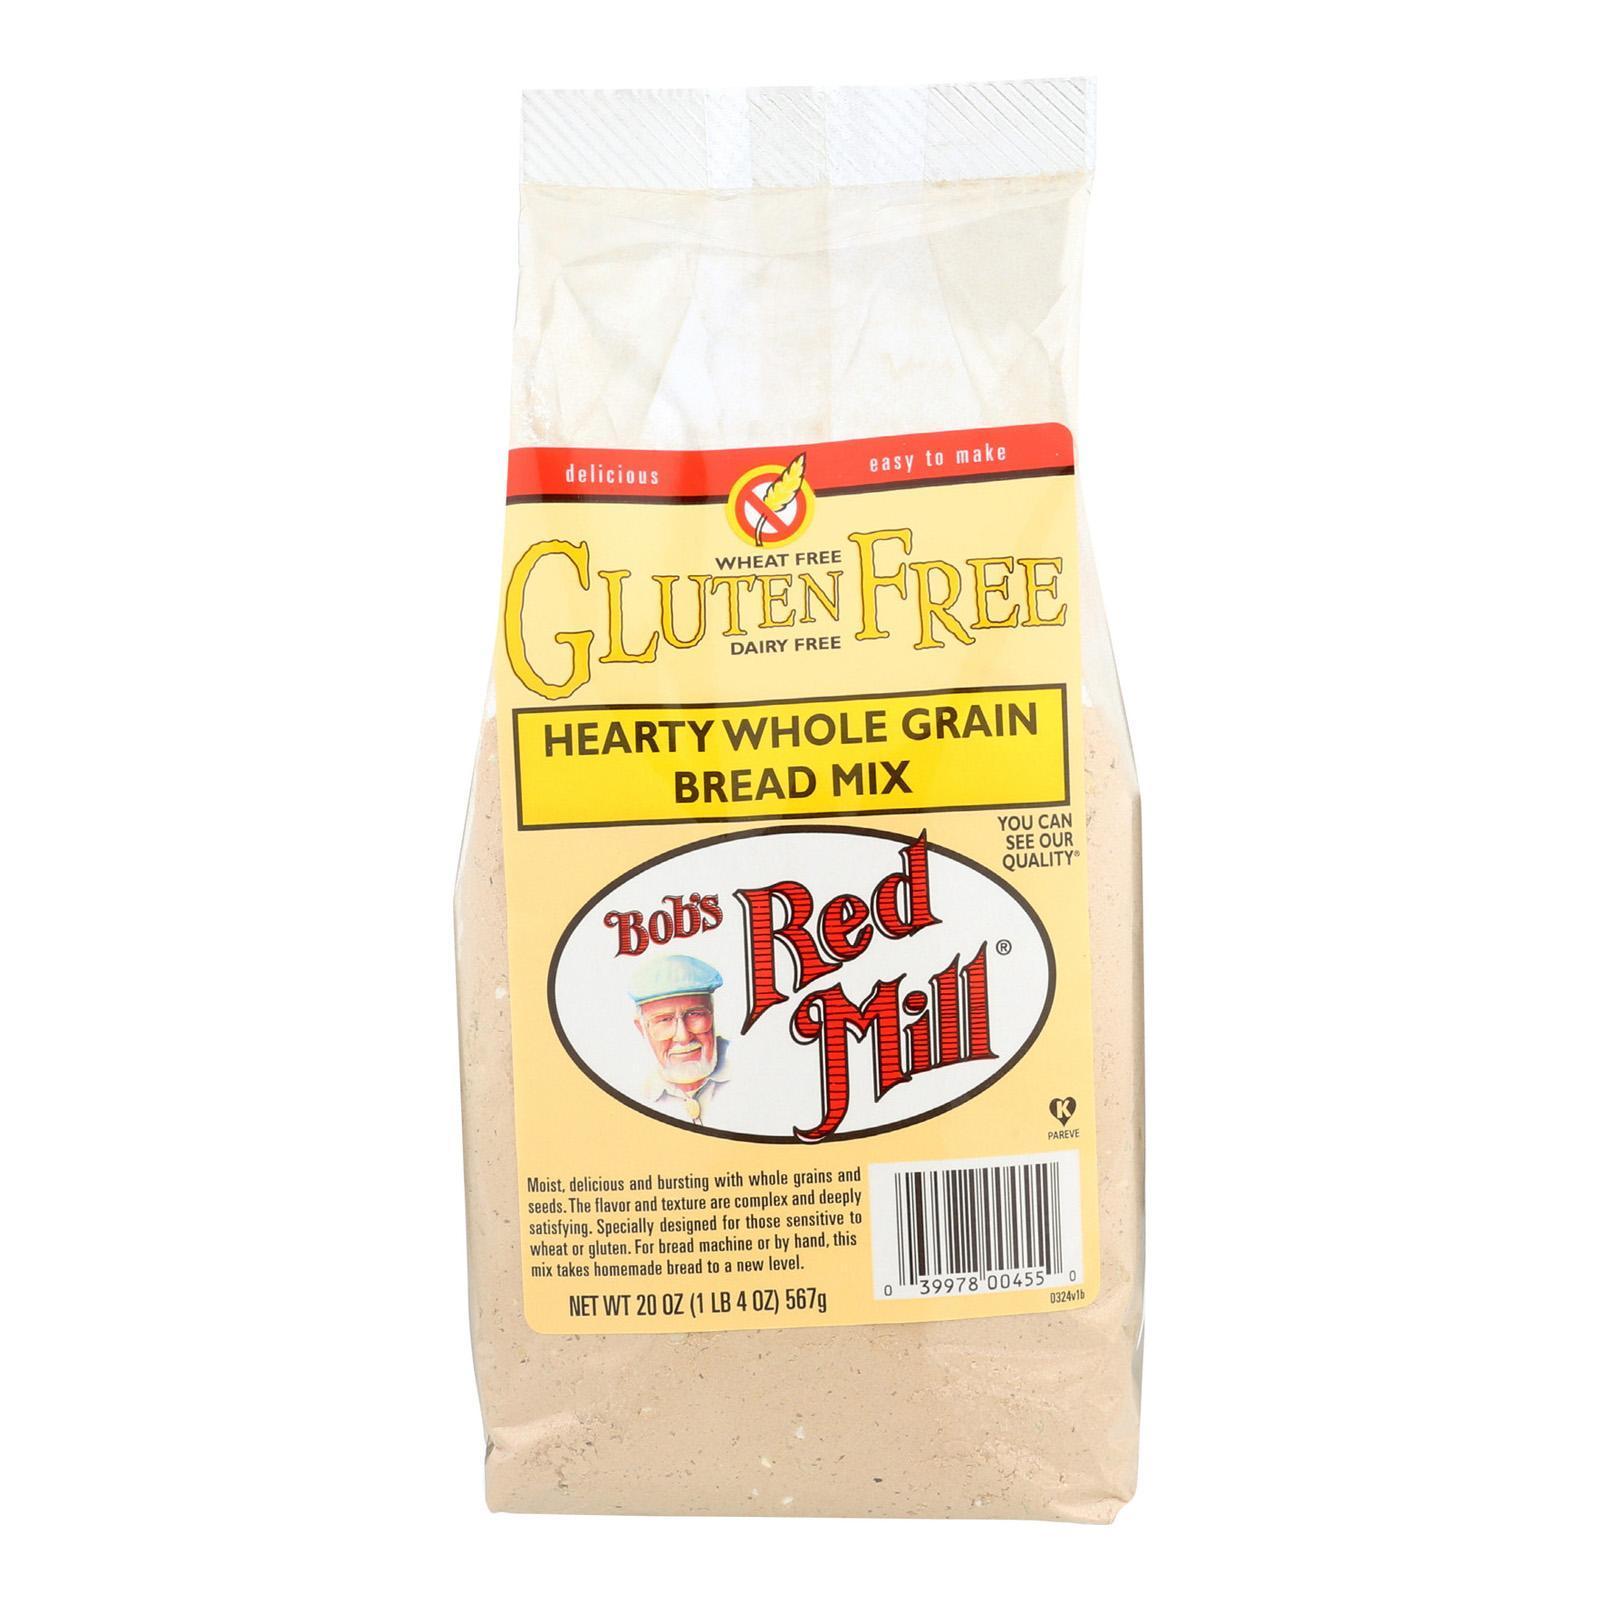 Bob's Red Mill Gluten Free Hearty Whole Grain Bread Mix